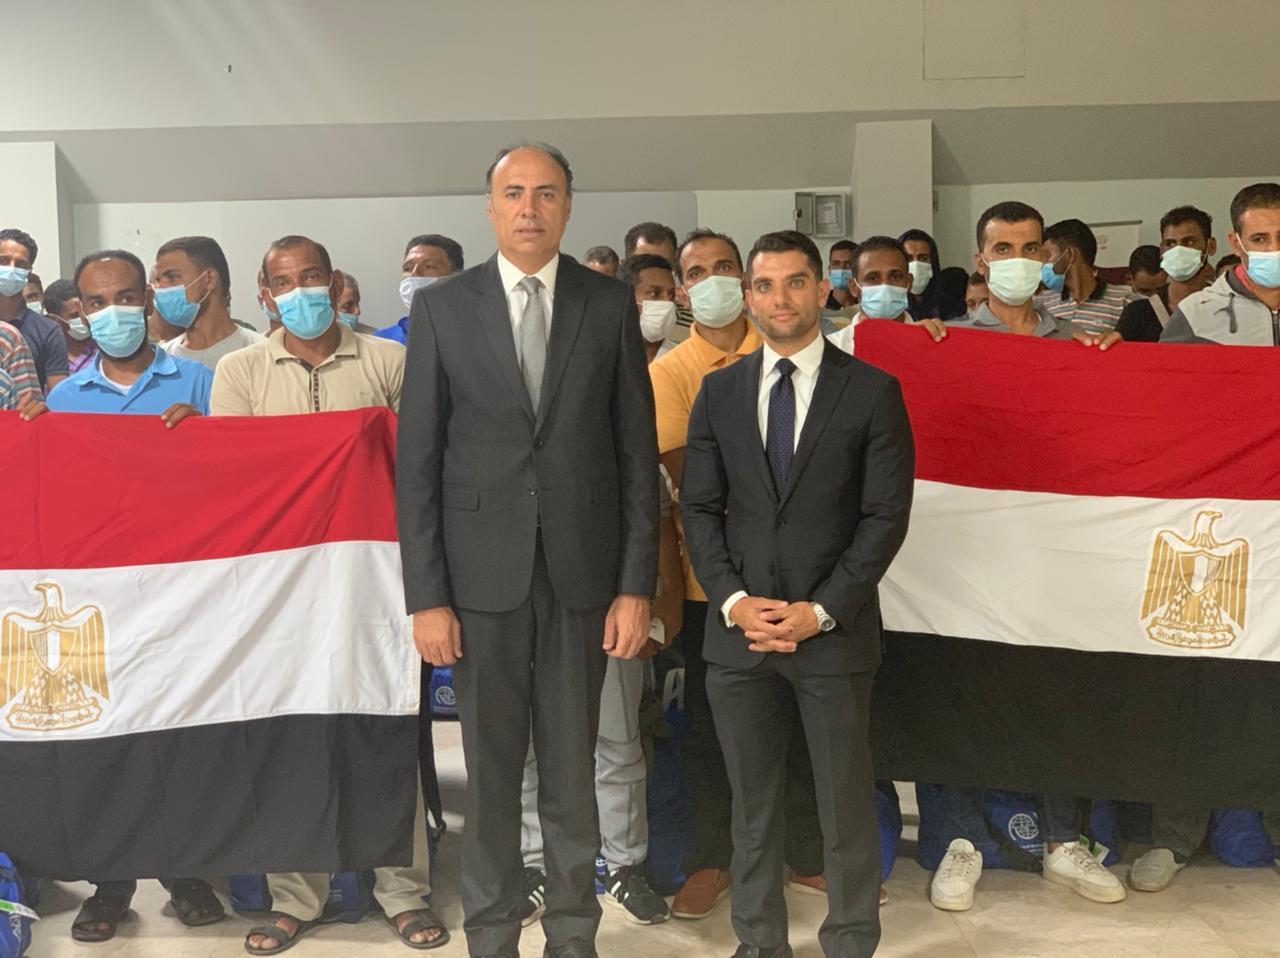 السفير محمد ثروت سليم يشرف على ترحيل العالقين المصريين من طرابلس